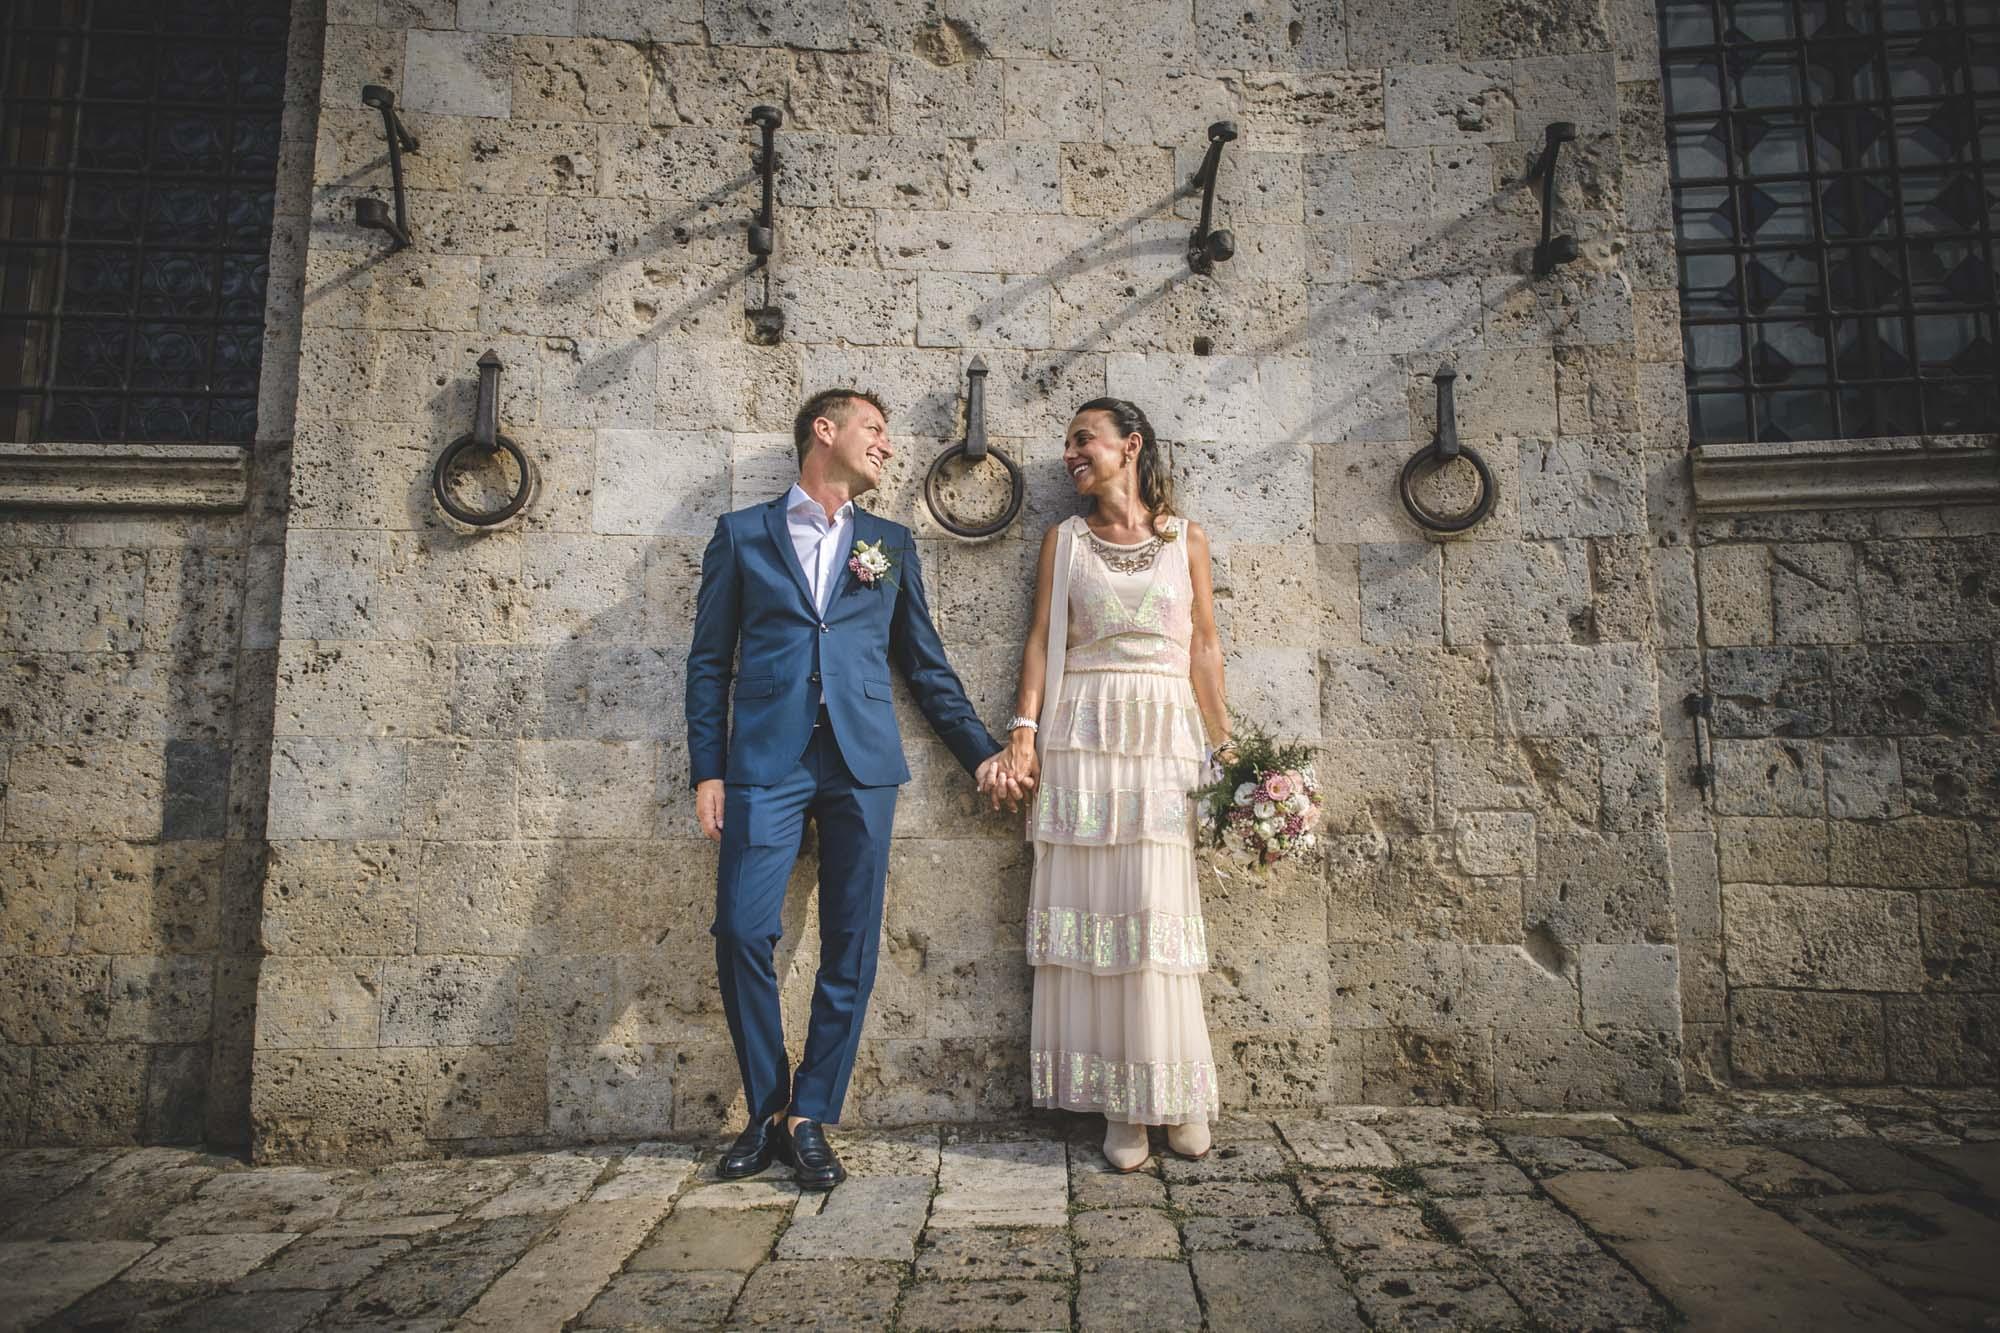 Lucia & Iacopo - Intimissimo Matrimonio a Siena, 26/5/2018